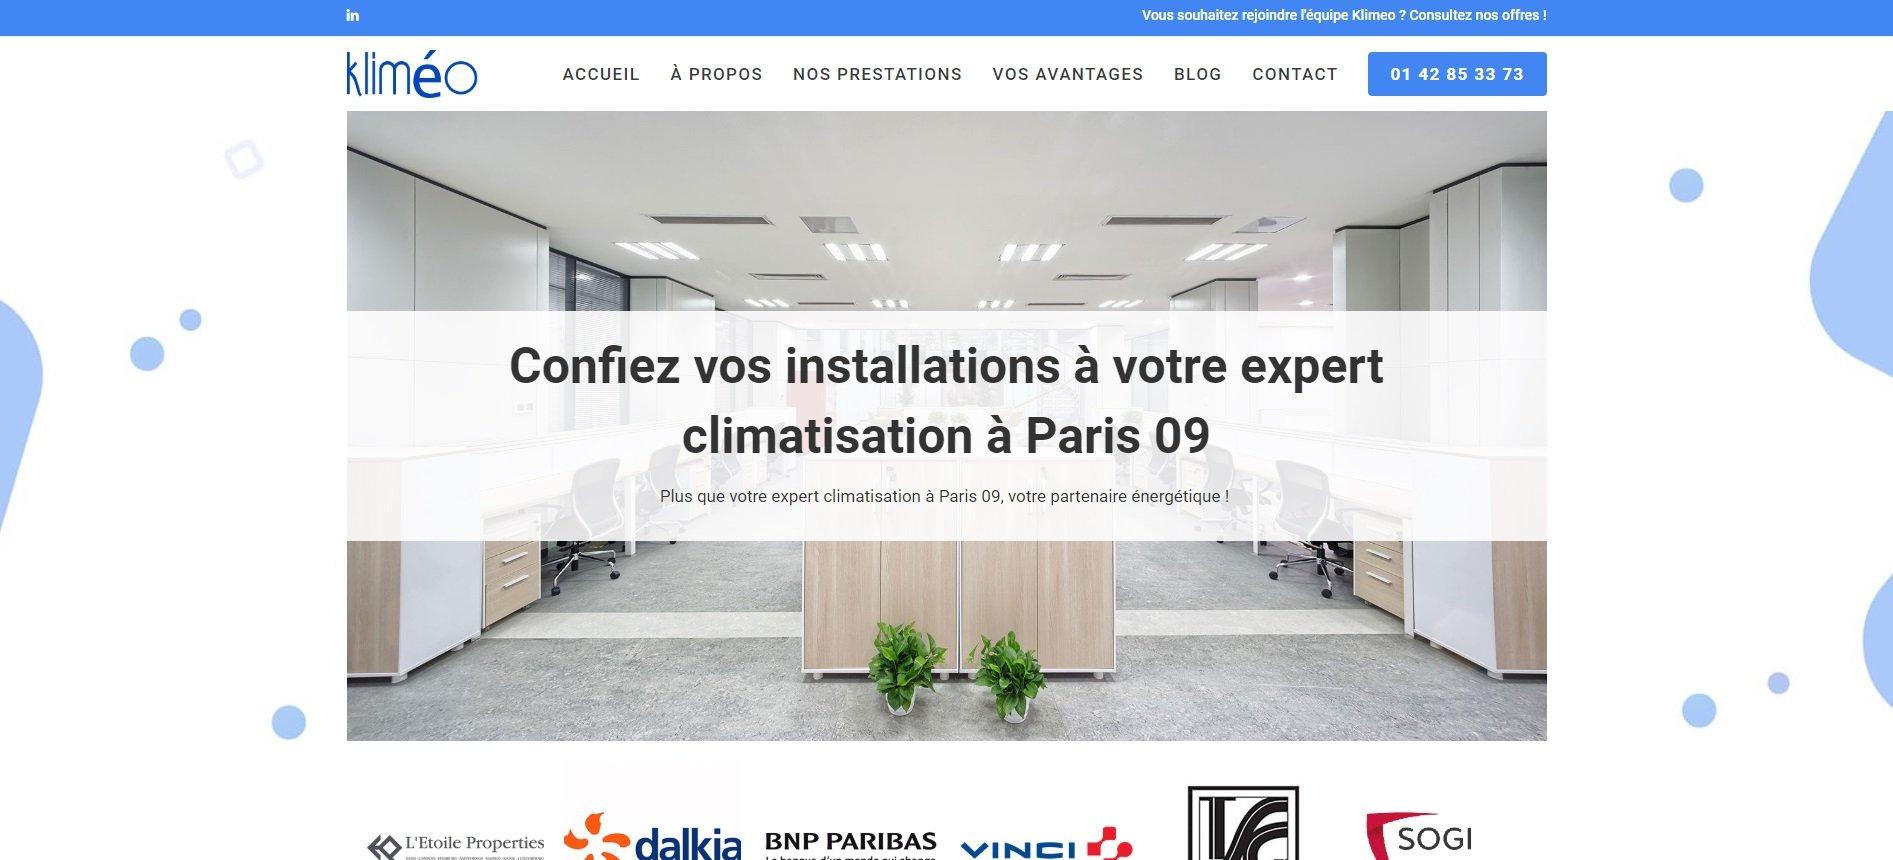 Kliméo, génie climatique Paris 09